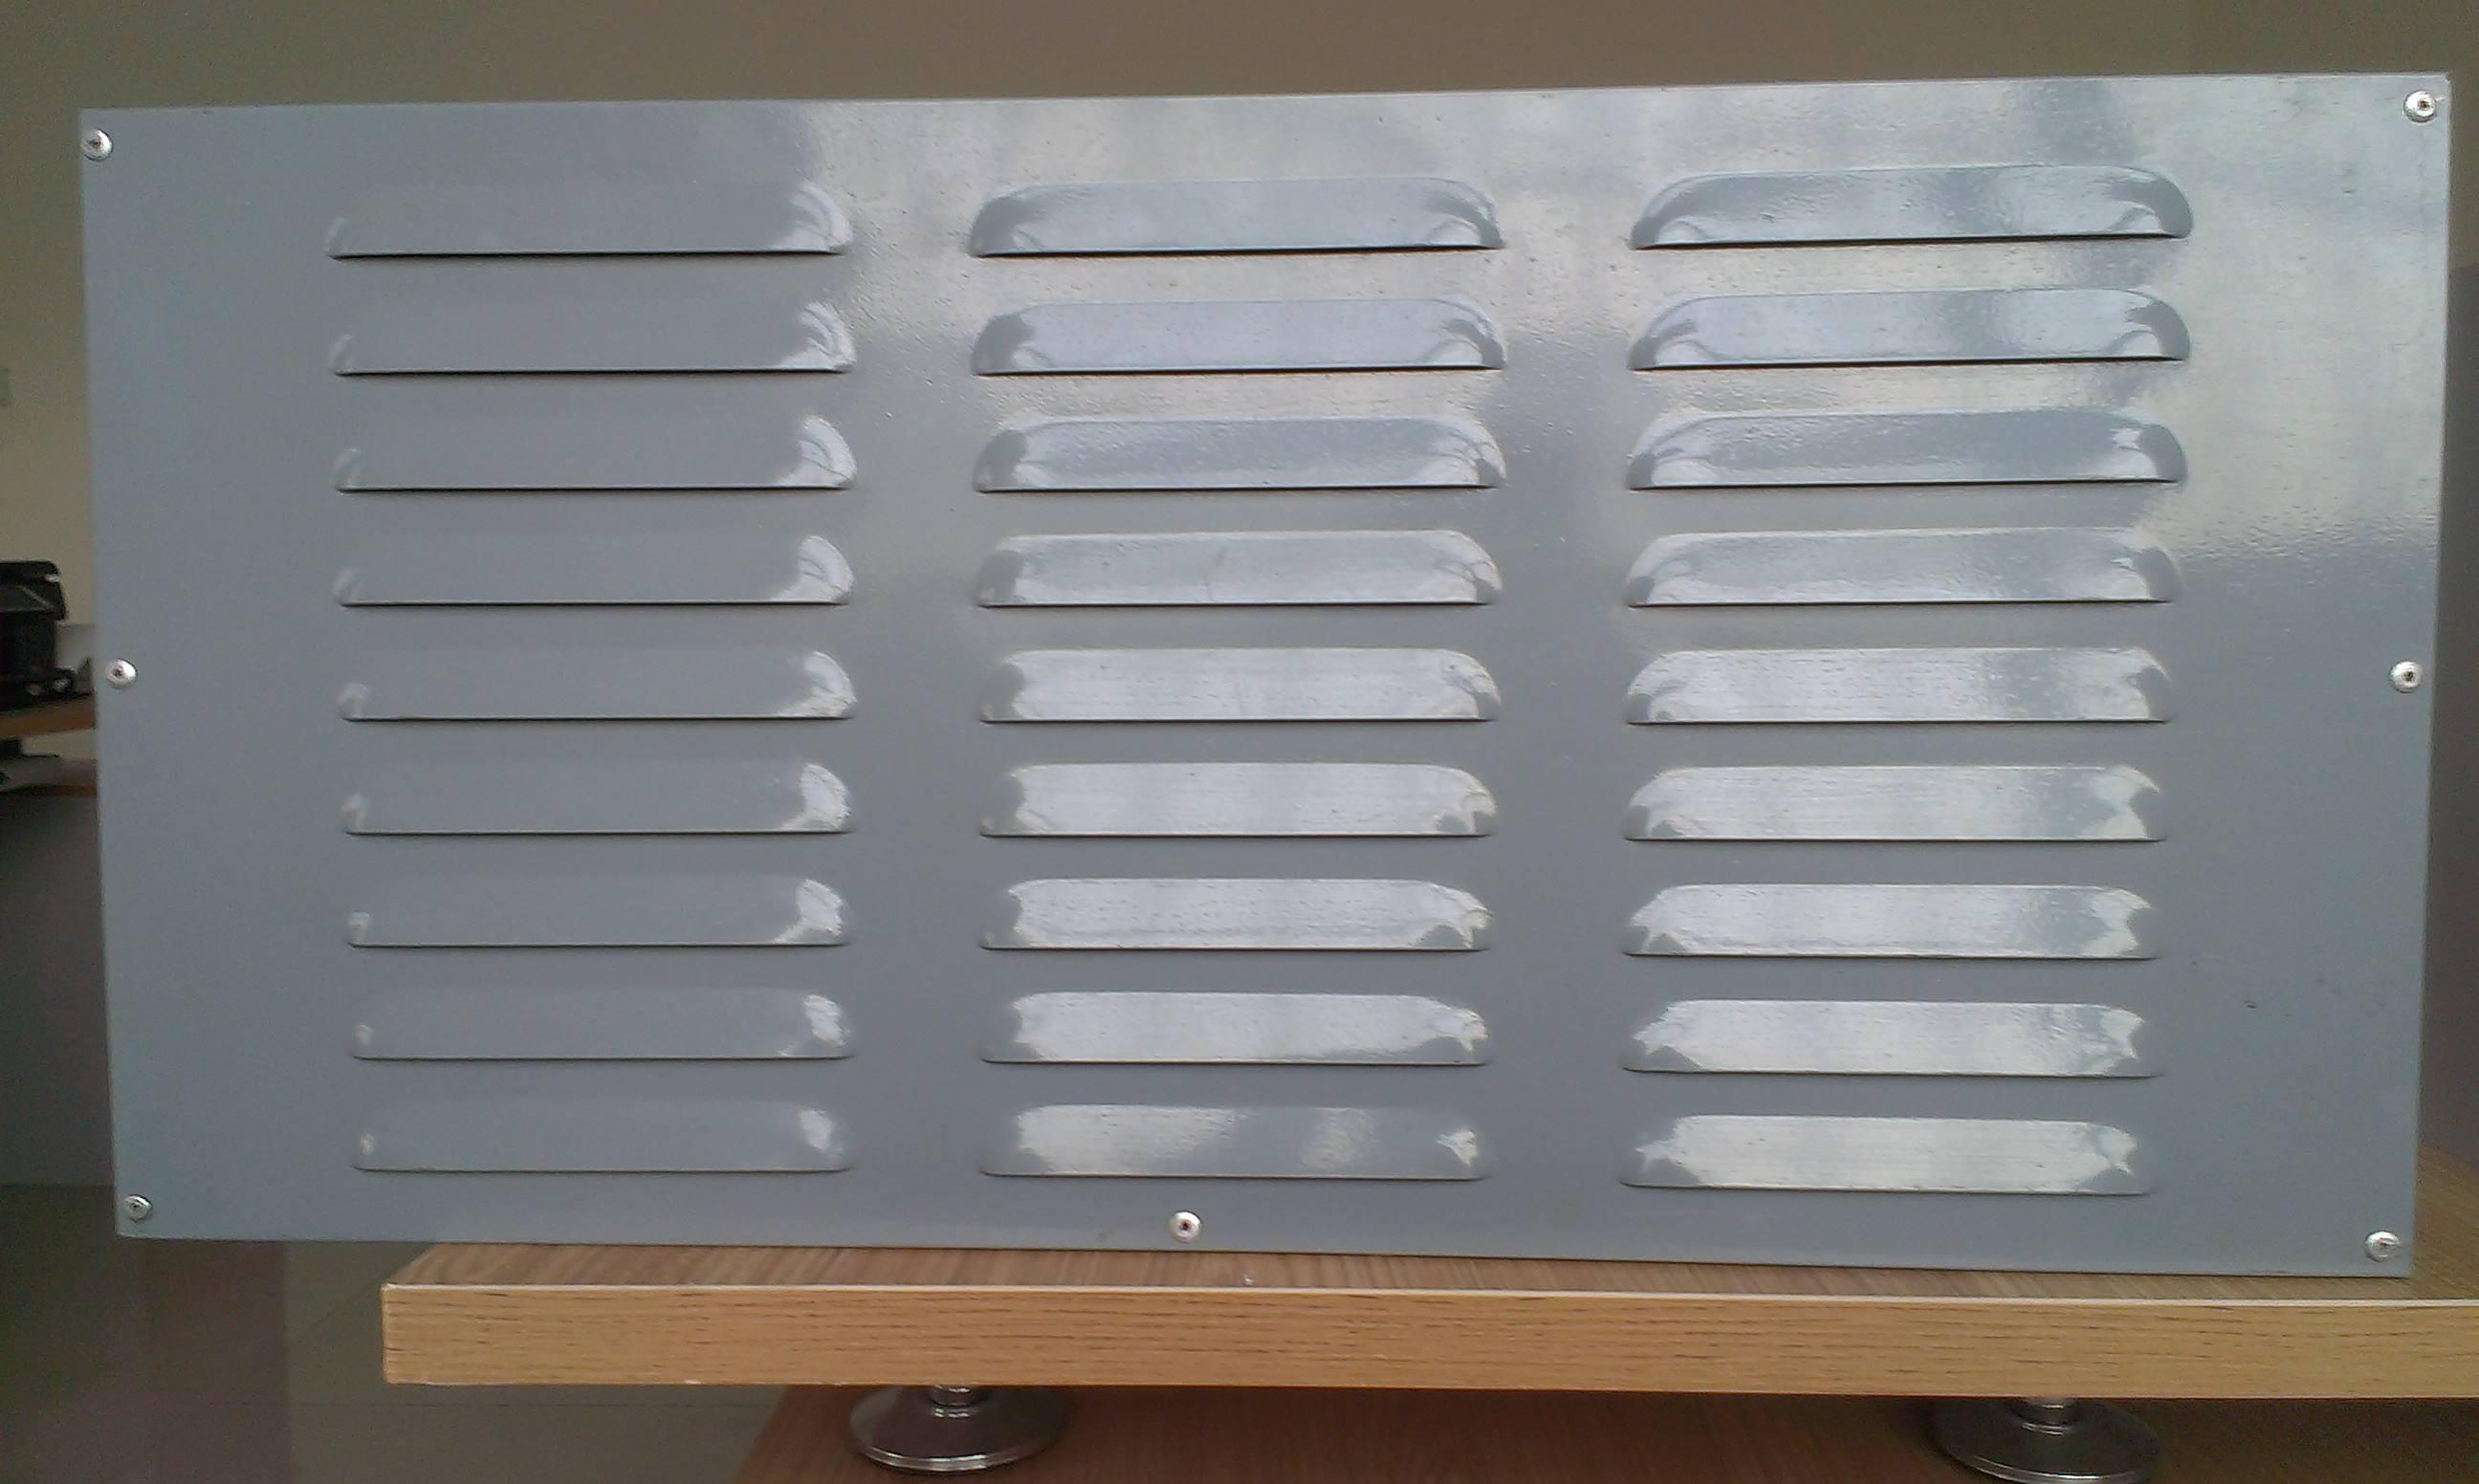 小区声屏障 声屏障尺寸 声屏障厂 声屏障常见跨度 声屏障100*100型钢